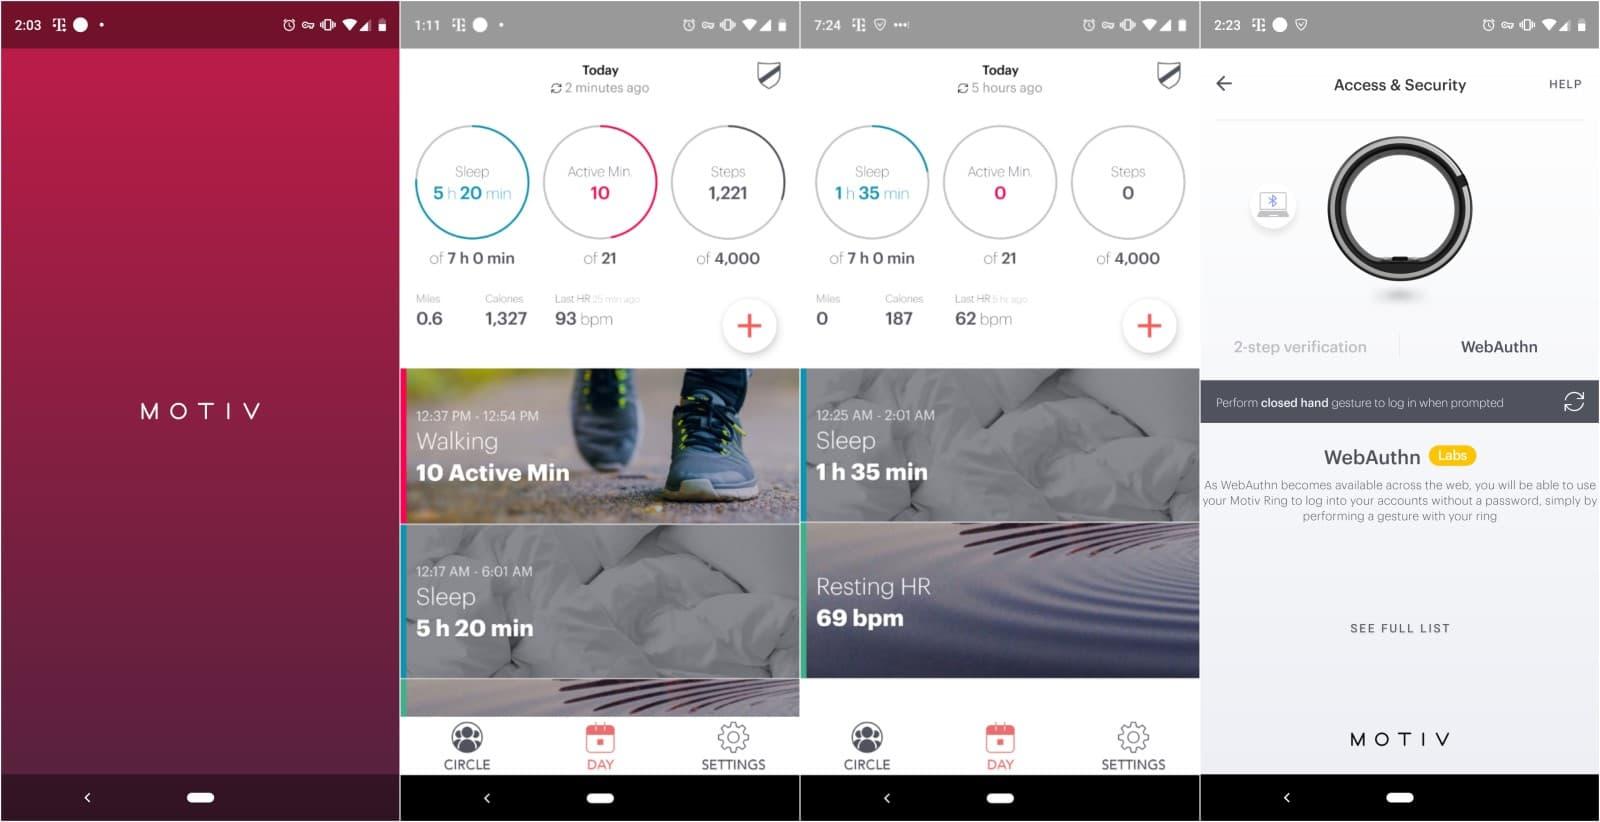 motiv fitness takip yüzüğü uygulaması ekran görüntüleri